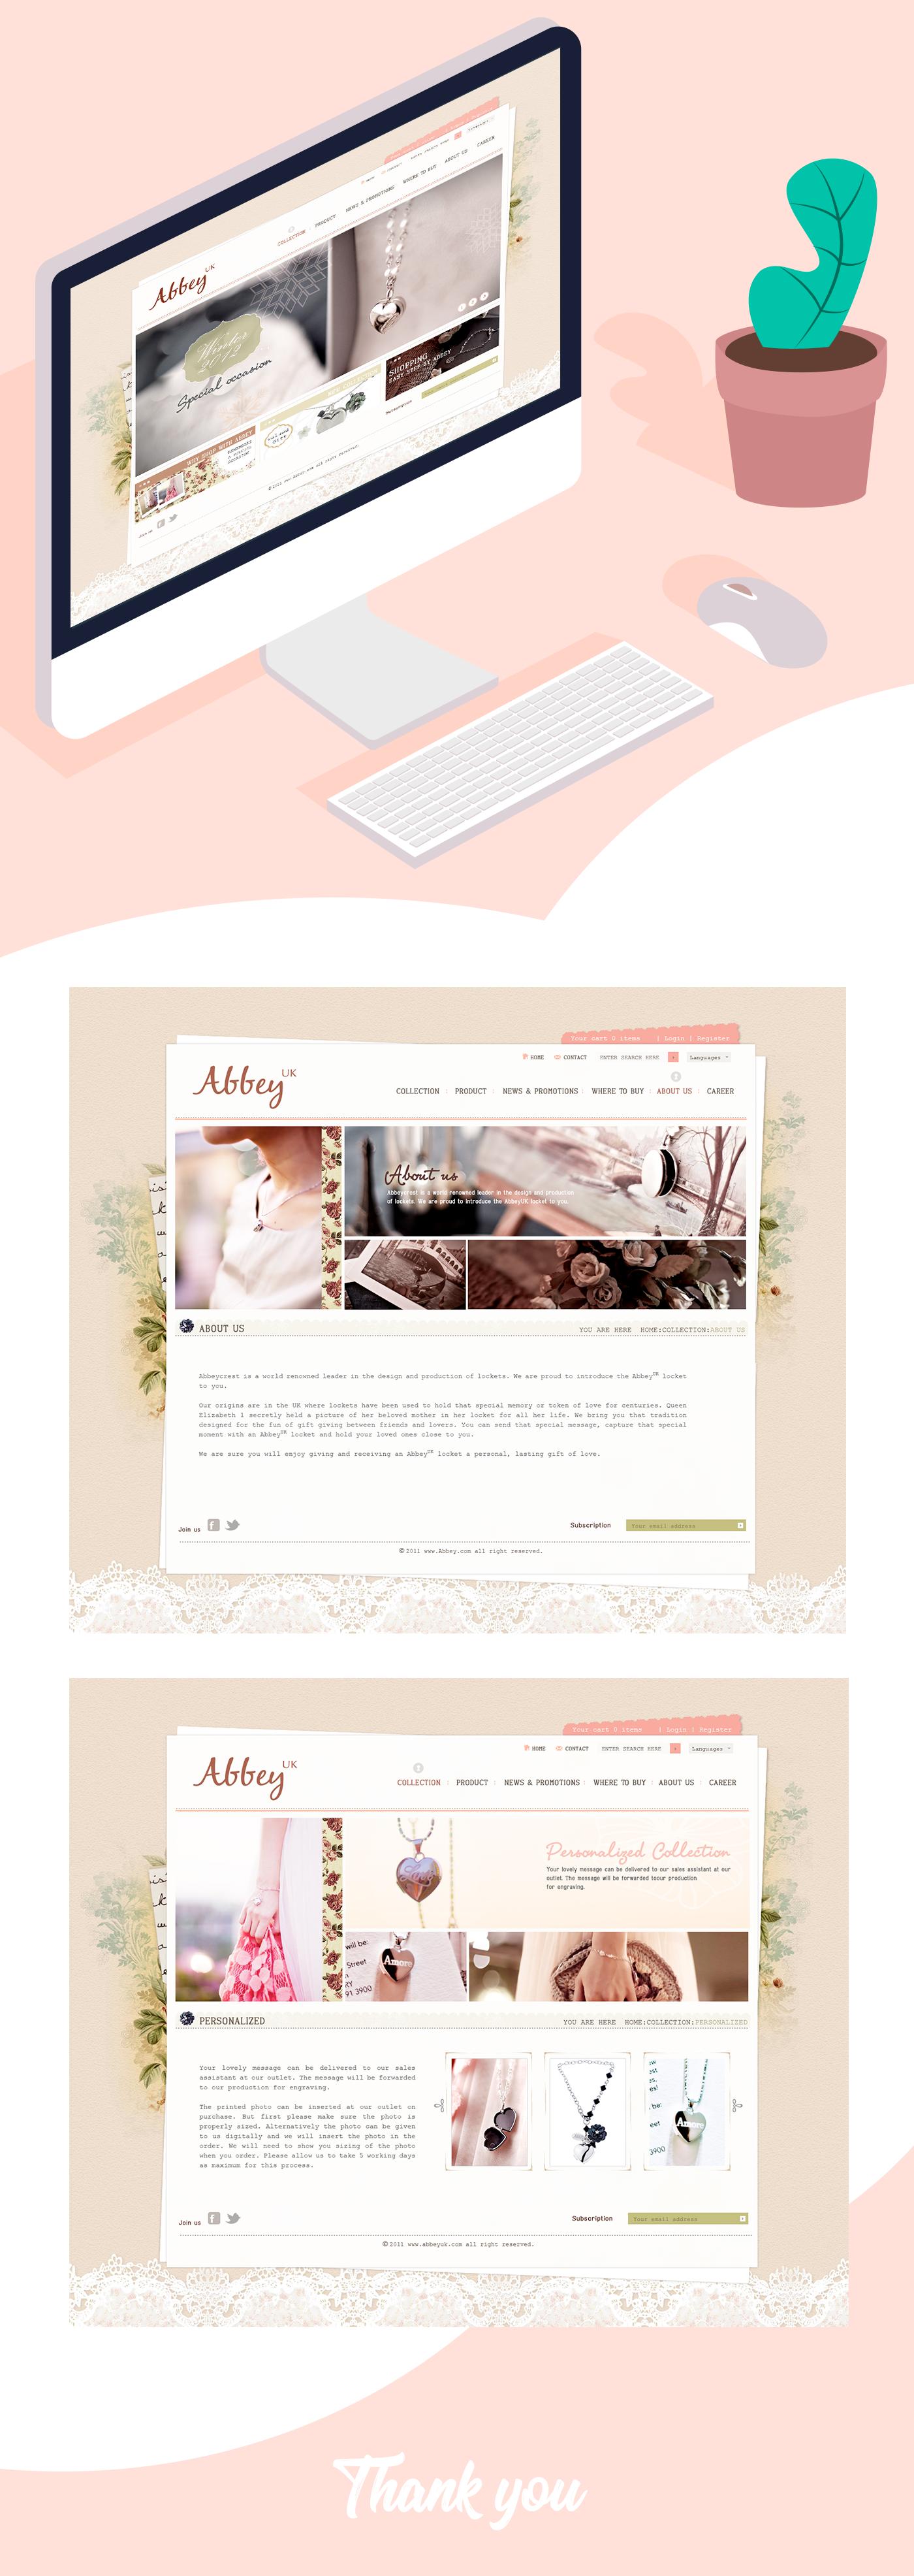 Web Design  graphic design  sweet design